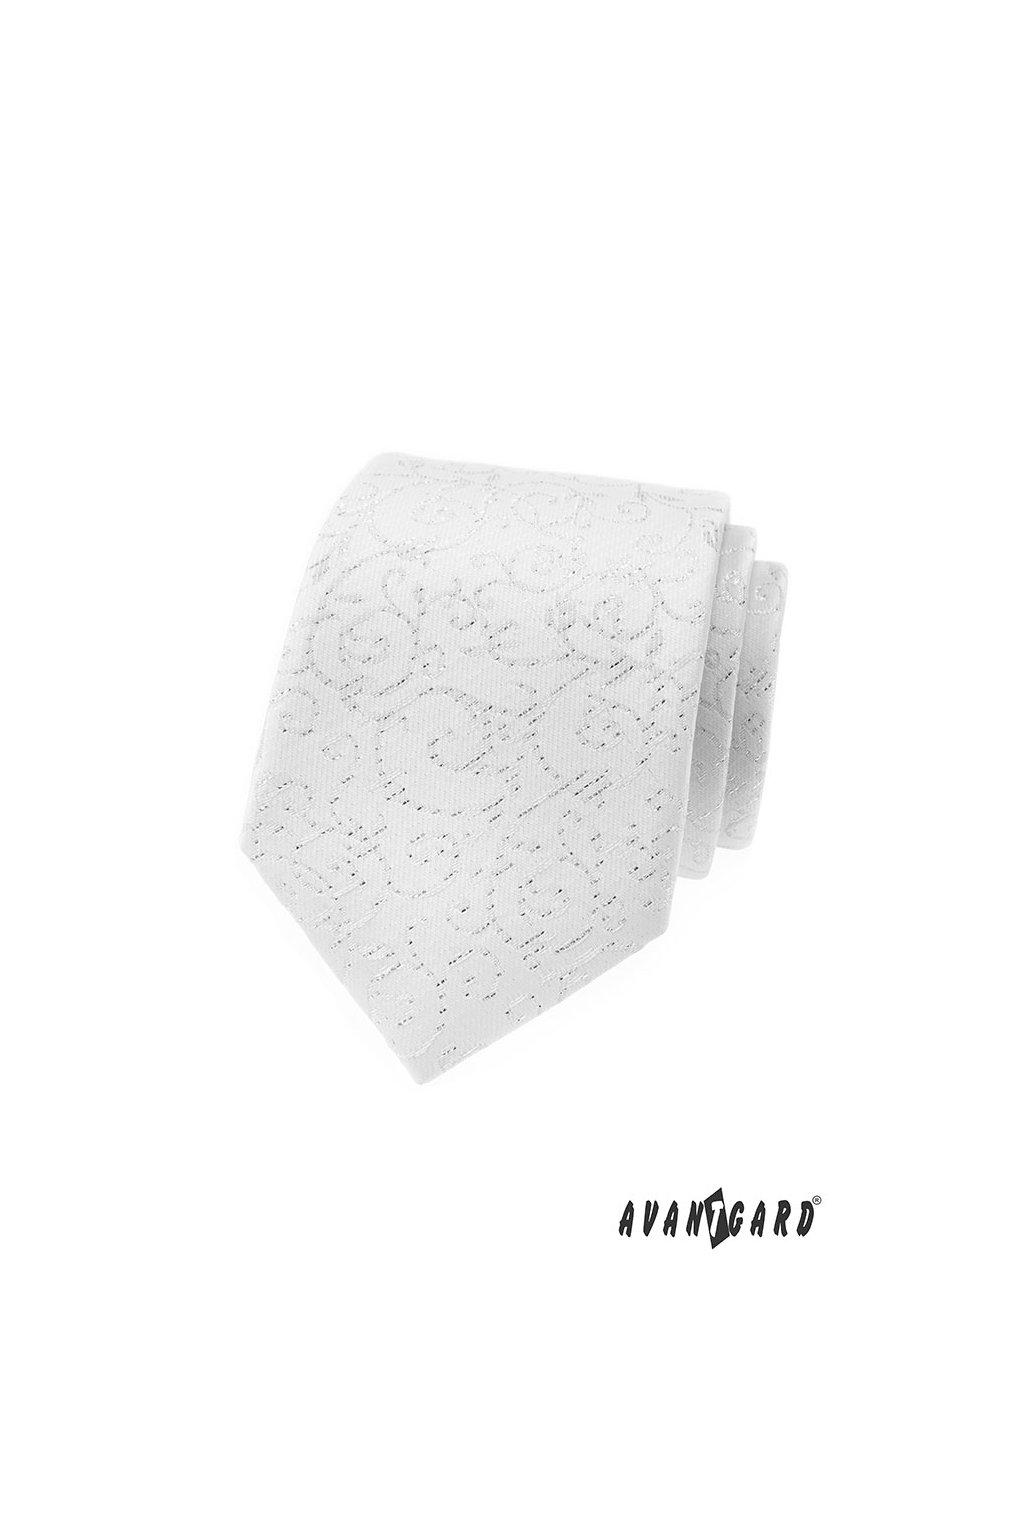 Pánská luxusní  kravata bílá se slavnostním vzorem 561 - 9350